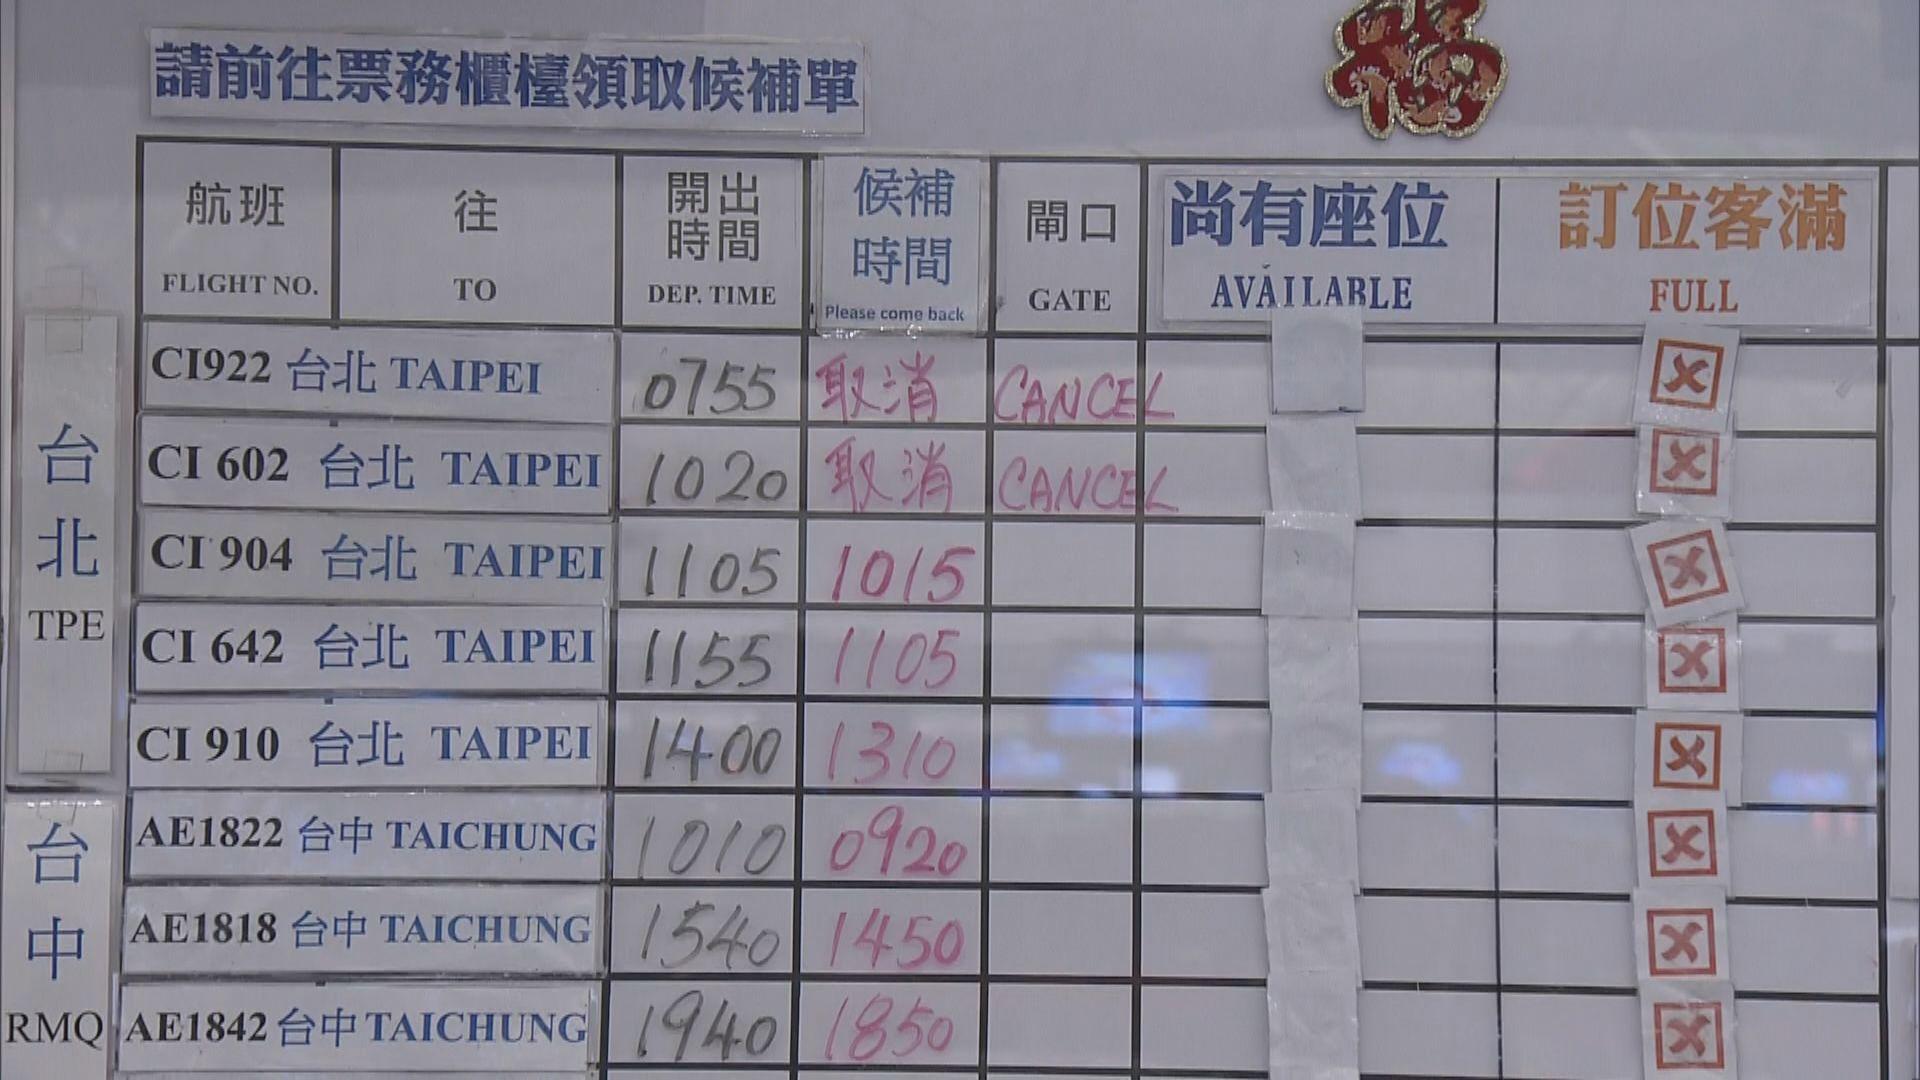 華航8班香港航班取消 有旅客指對華航信心受損